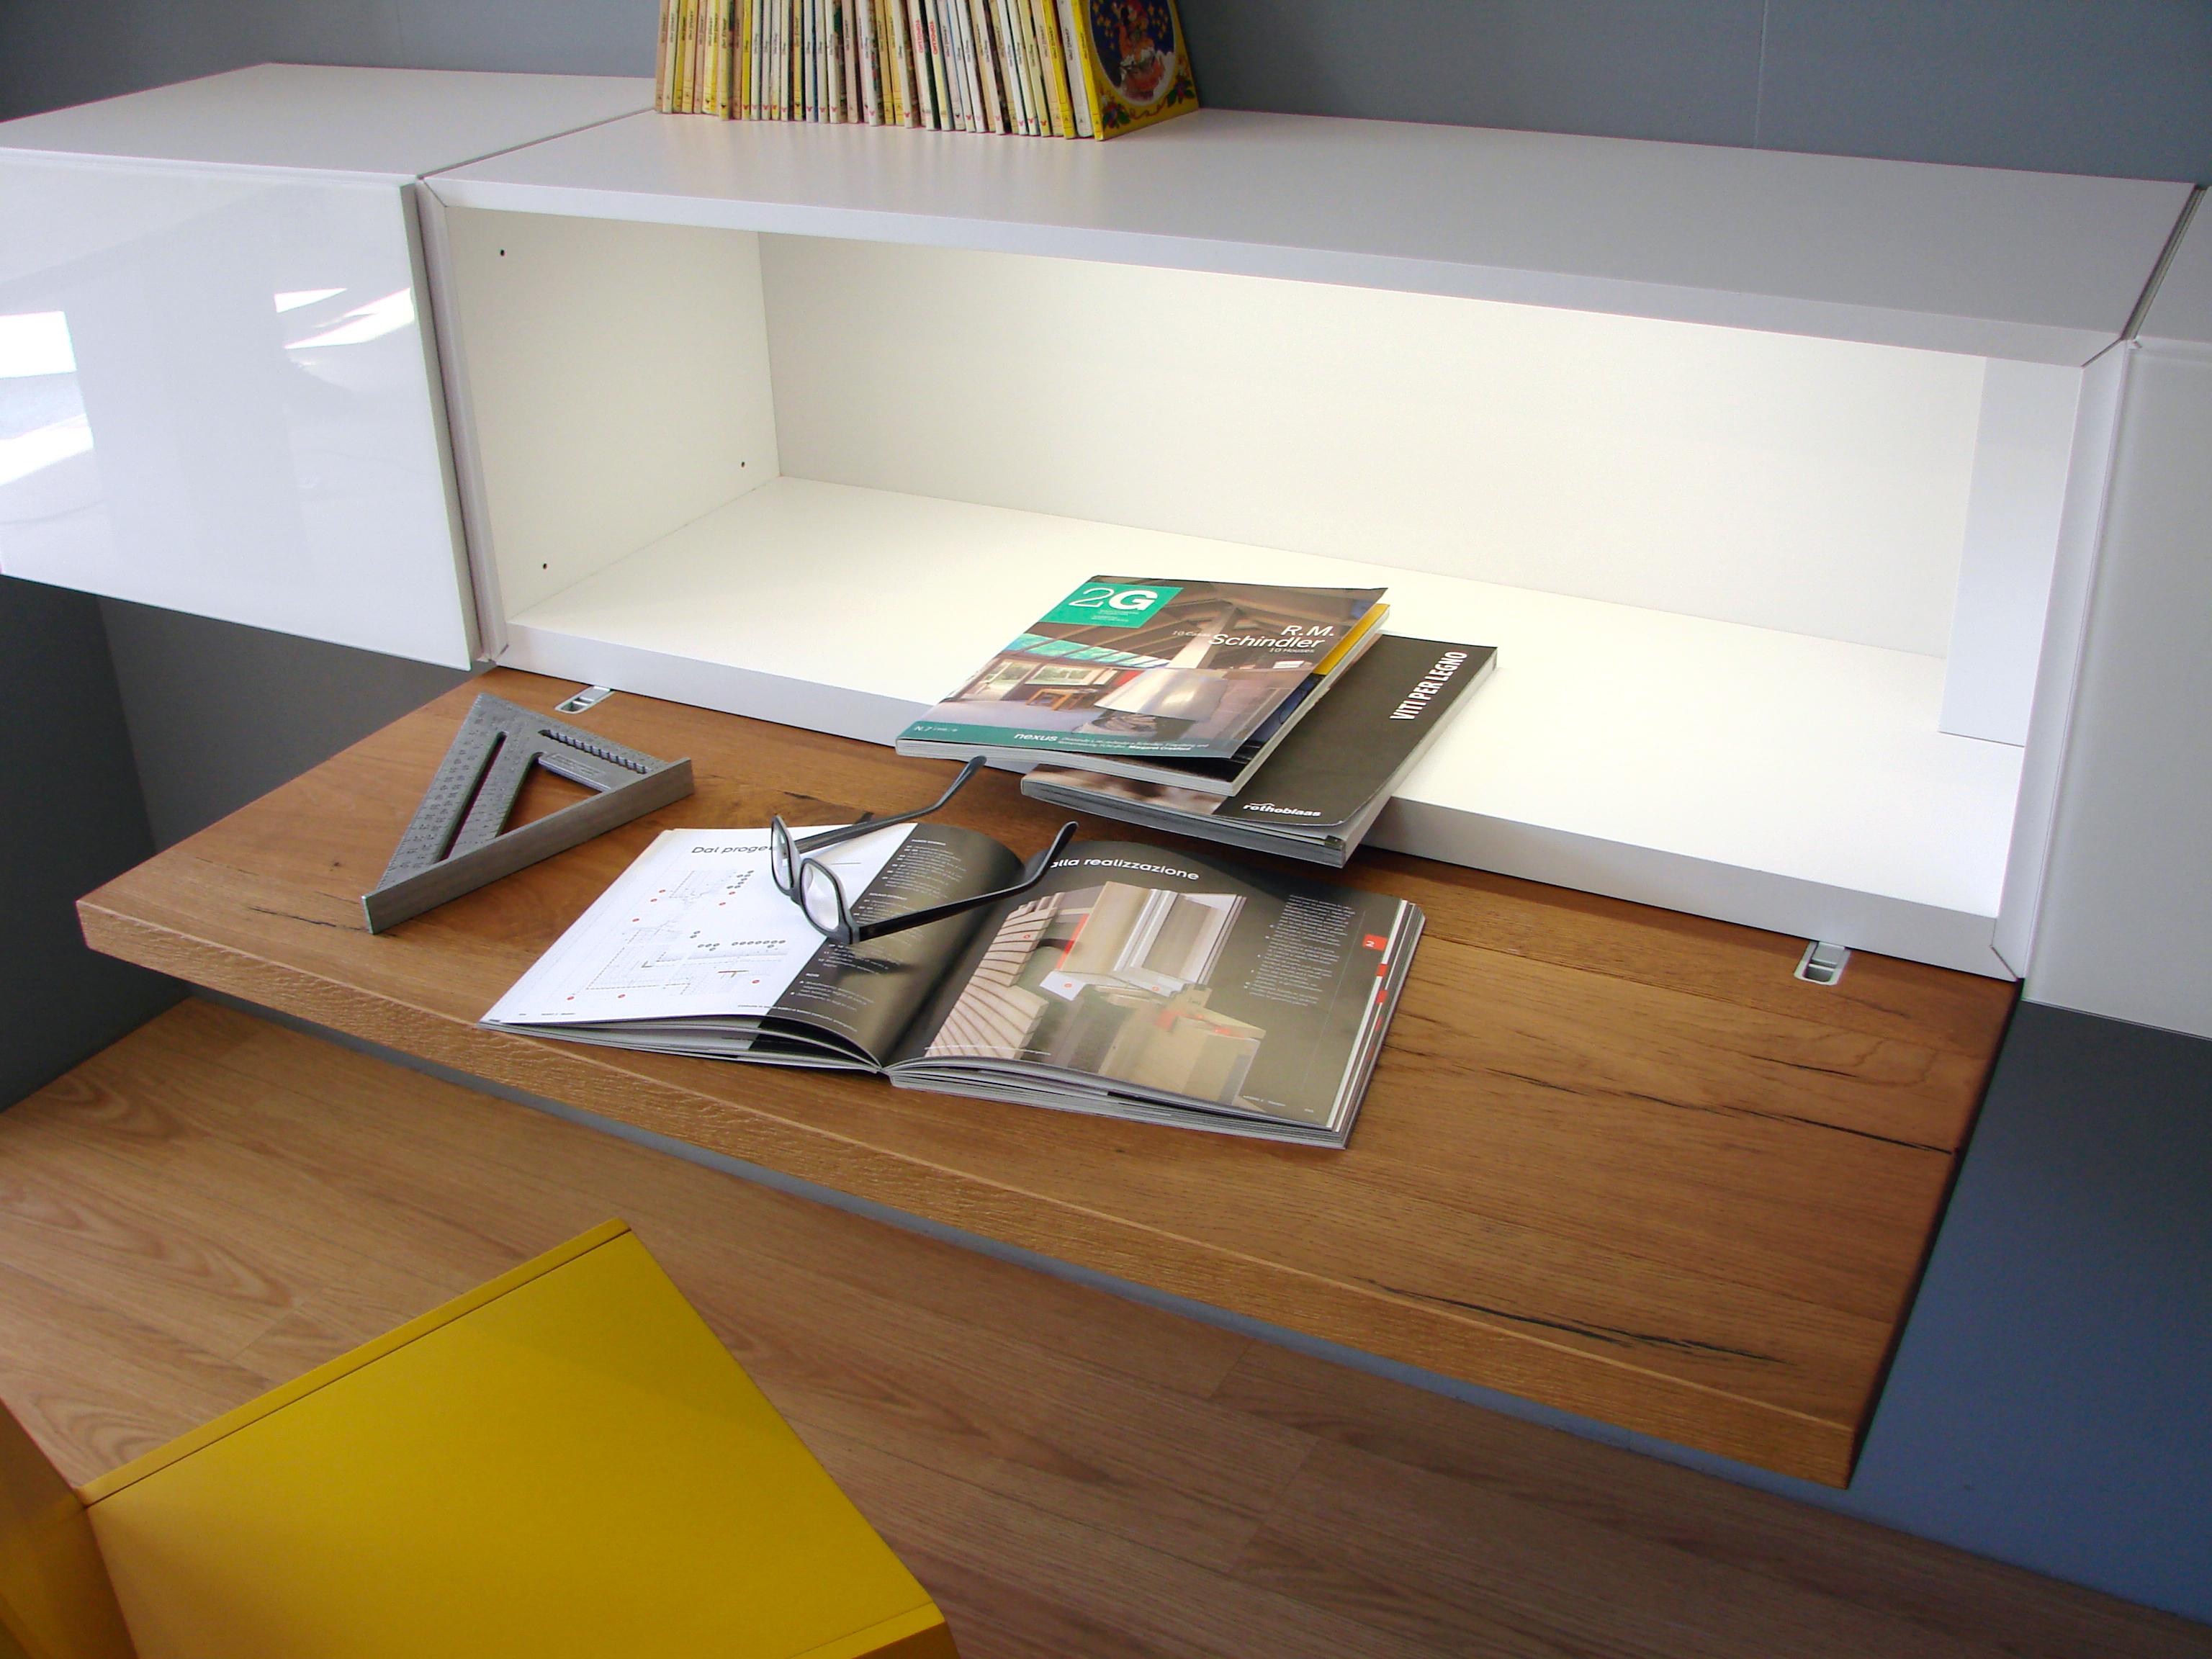 mobili lago catalogo mobili lago catalogo with mobili